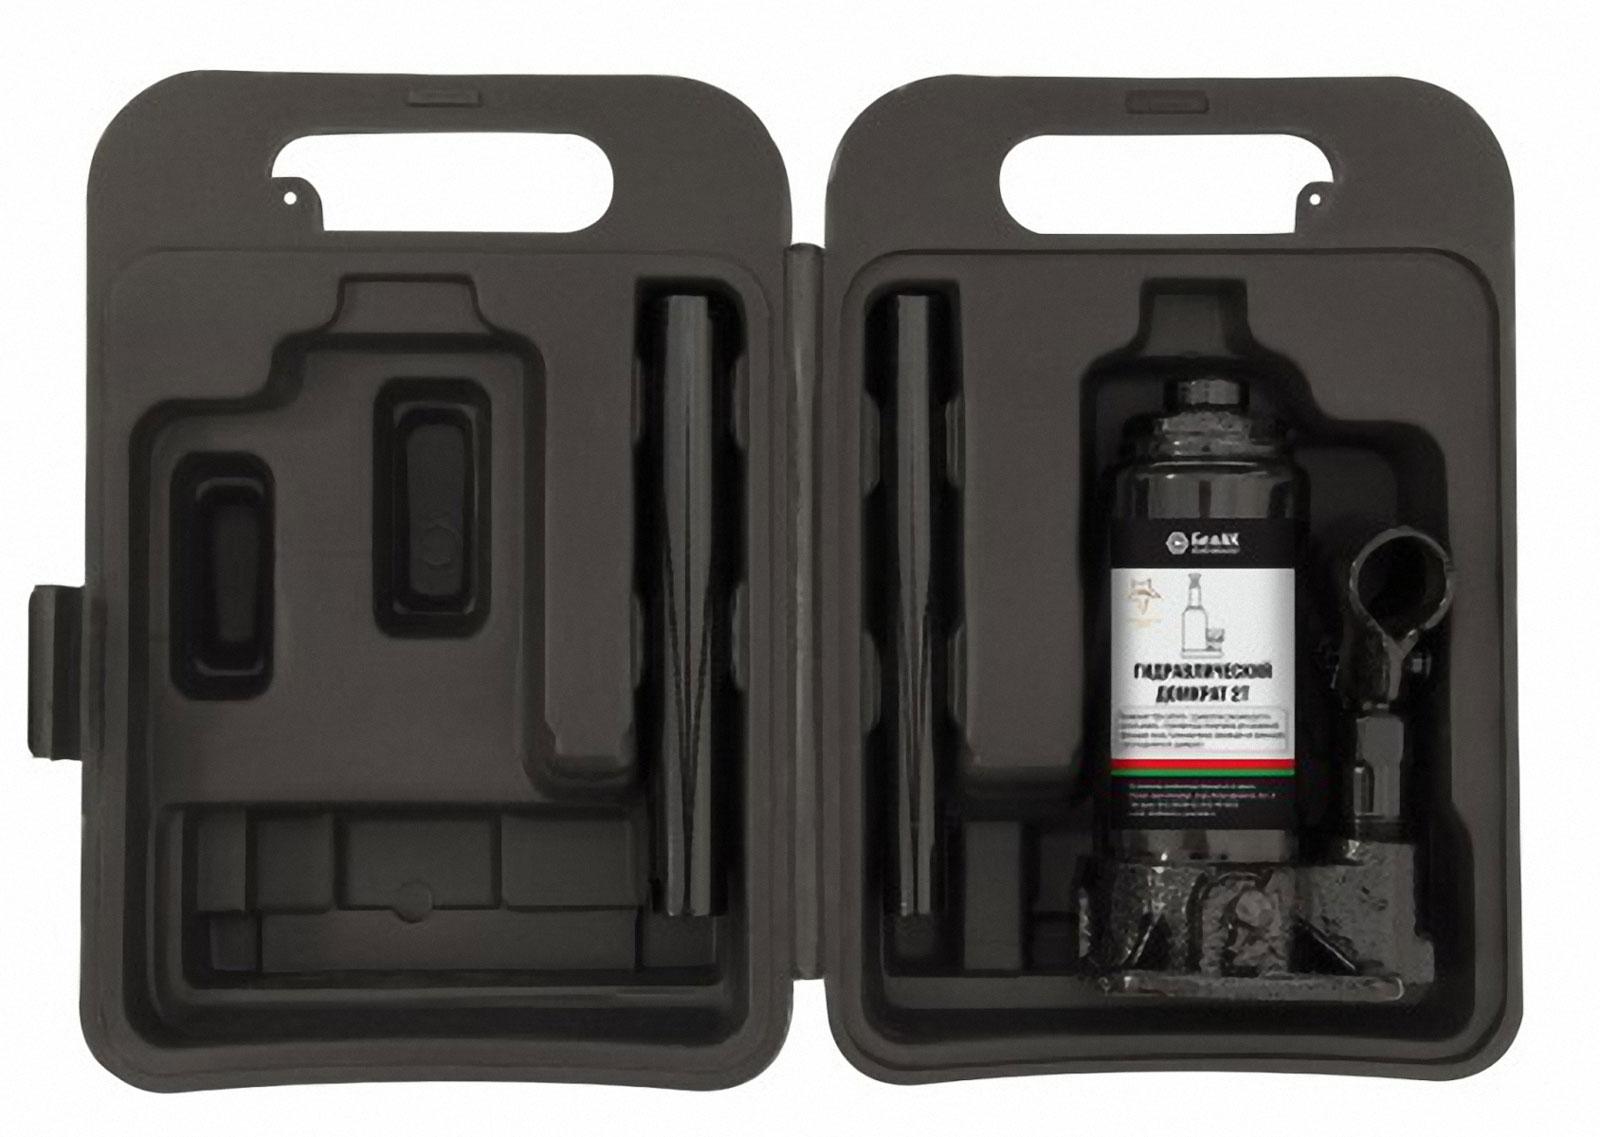 Домкрат бутылочный БелАвтоКомплект, в кейсе, 2 т домкрат autoprofi dg 02k гидравлический бутылочный 2 т высота подъёма 308 мм в кейсе